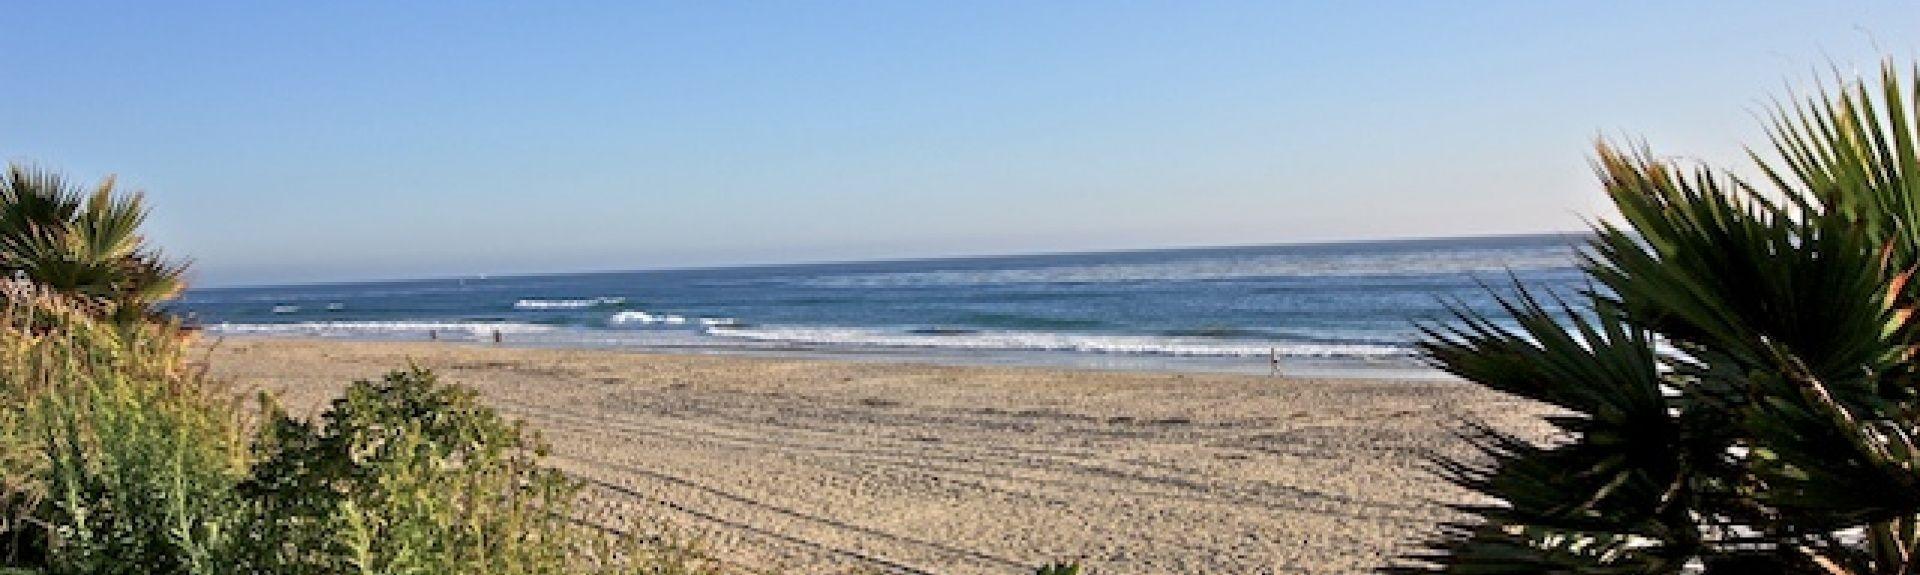 South Laguna, Laguna Beach, Kalifornien, Vereinigte Staaten